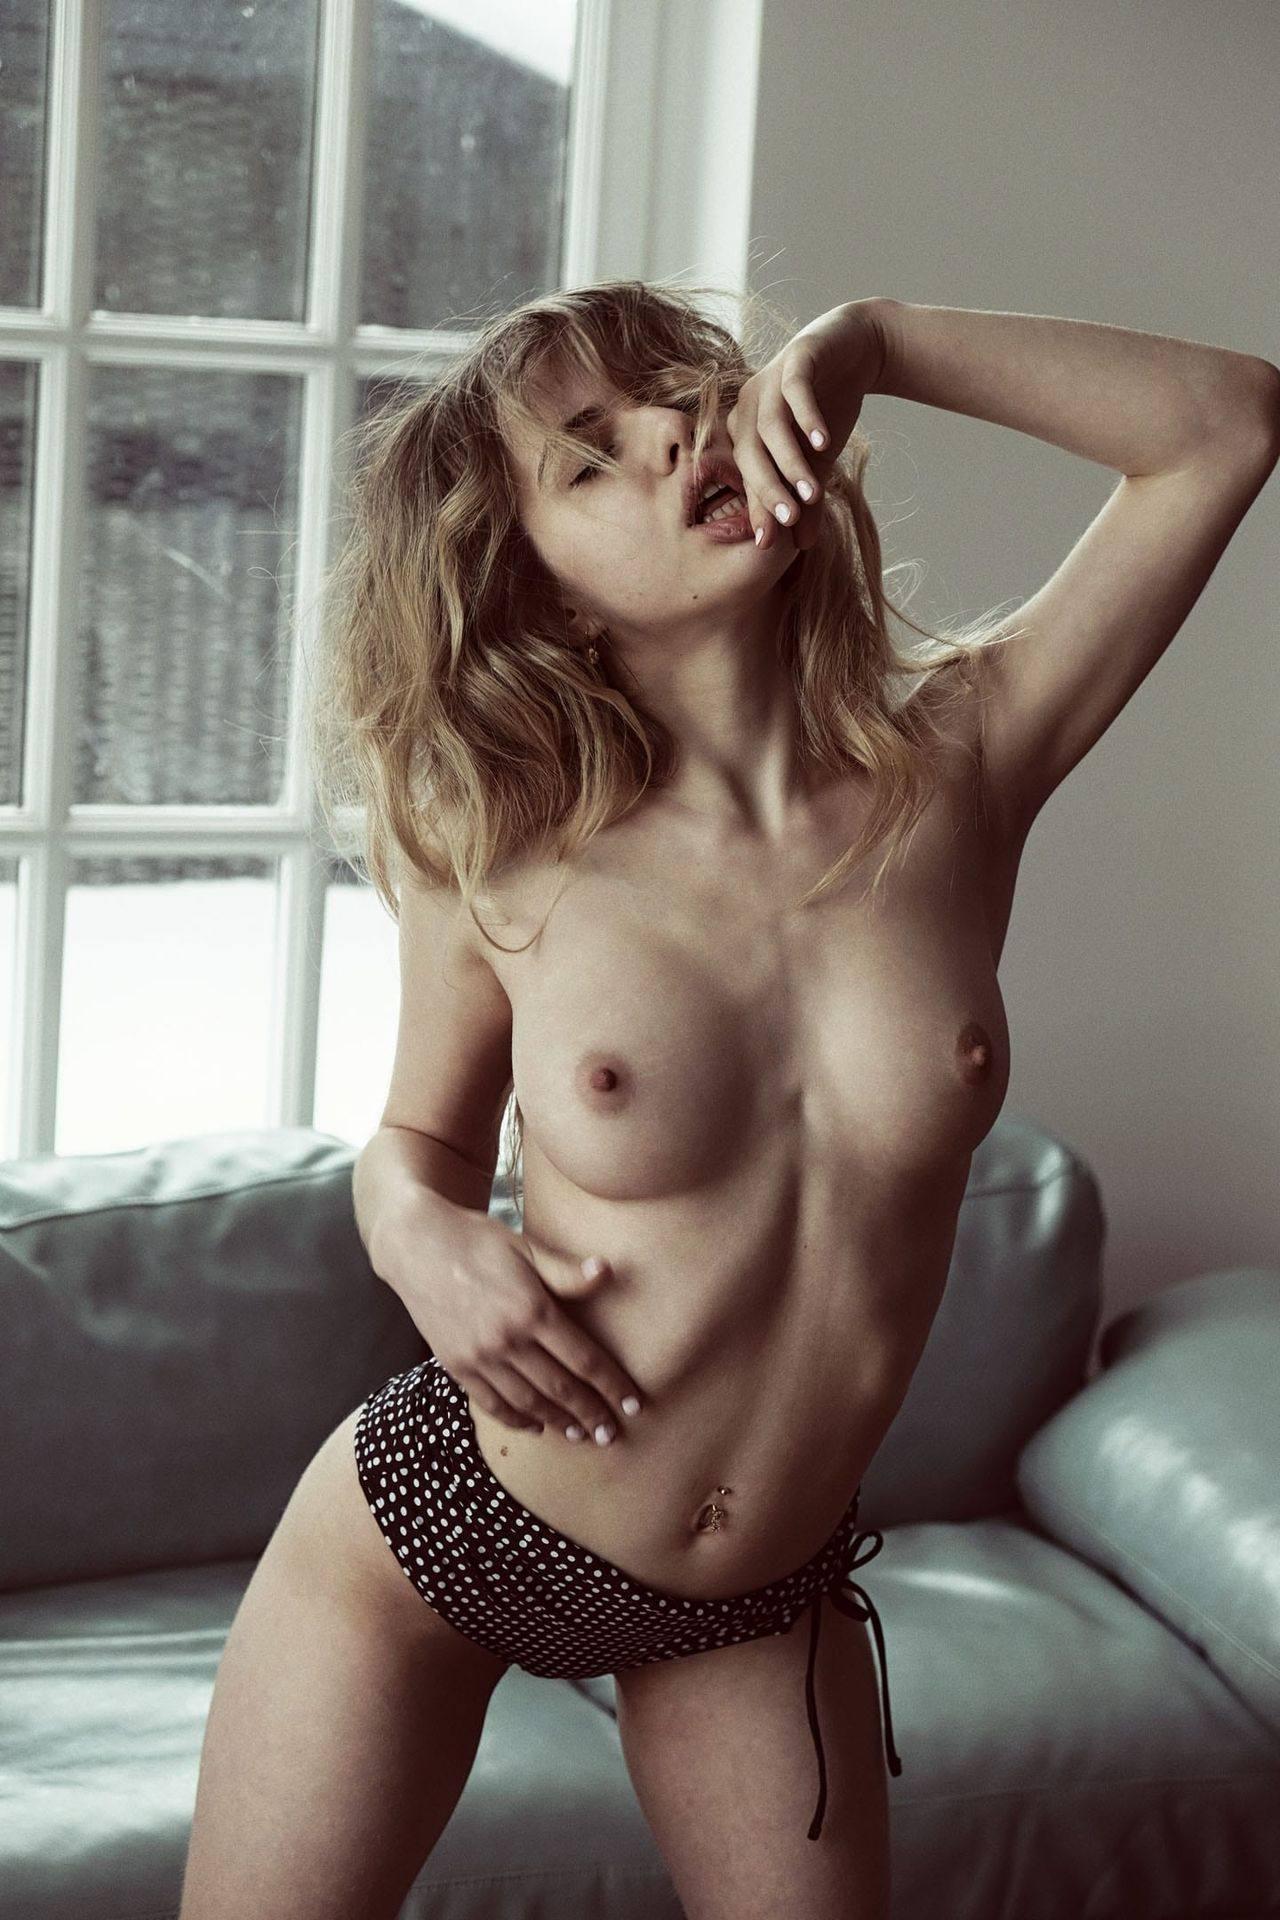 Alexandra Smelova – Beautiful Boobs In Sexy Topless Photoshoot By Rocco Cruz (nsfw) 0003